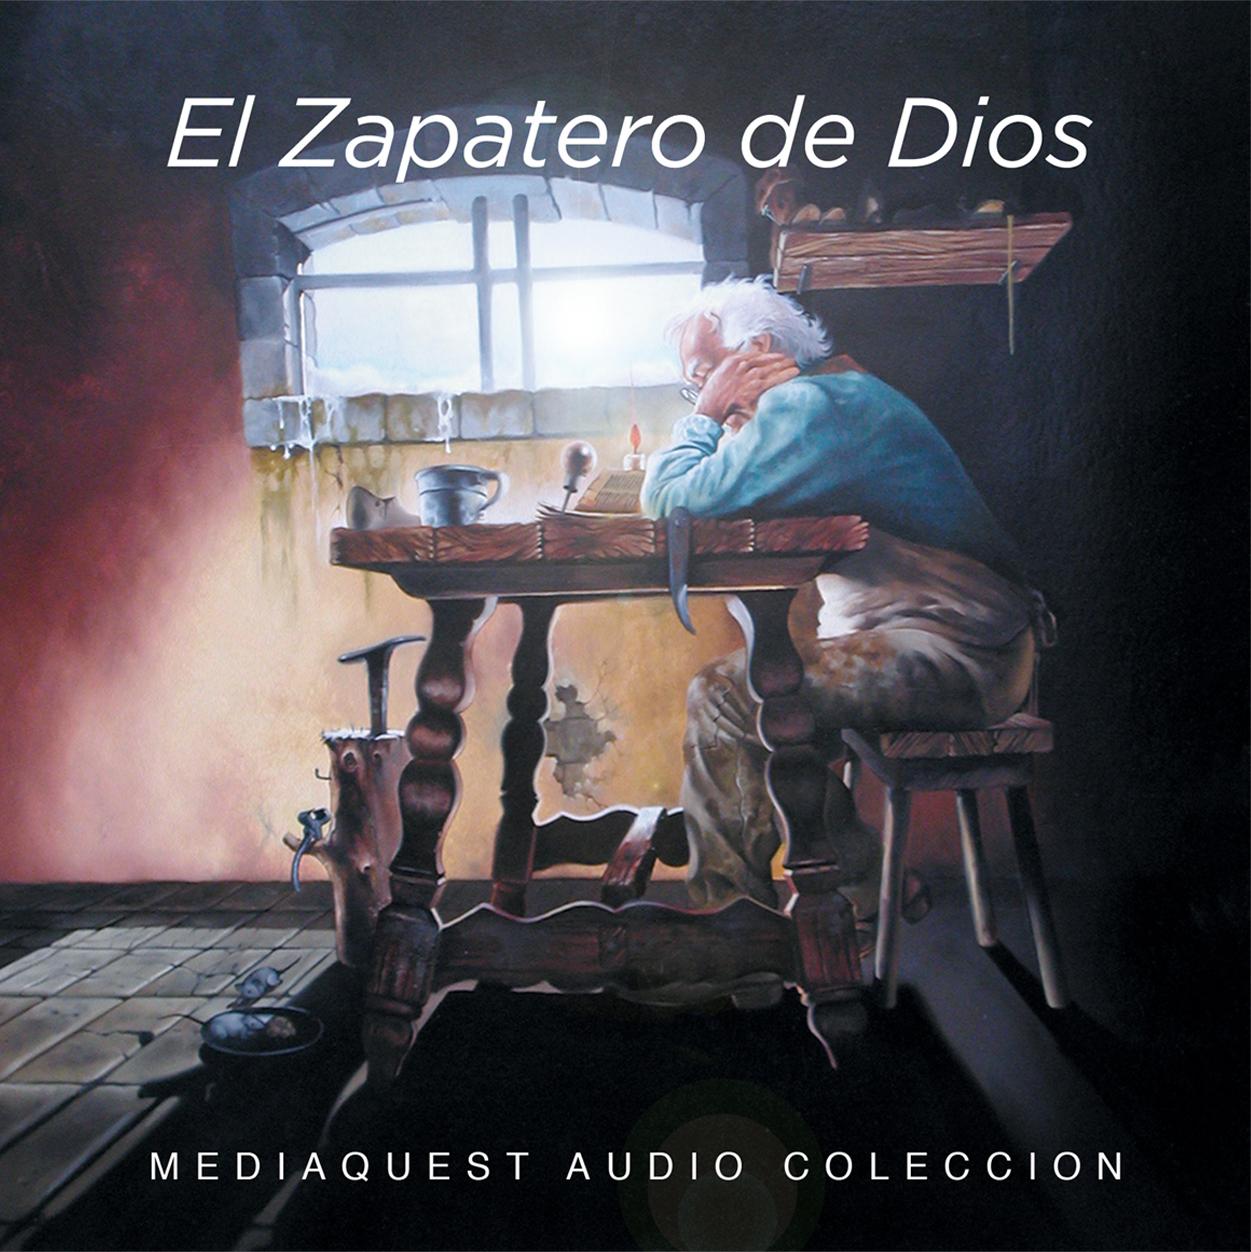 El Zapatero de Dios